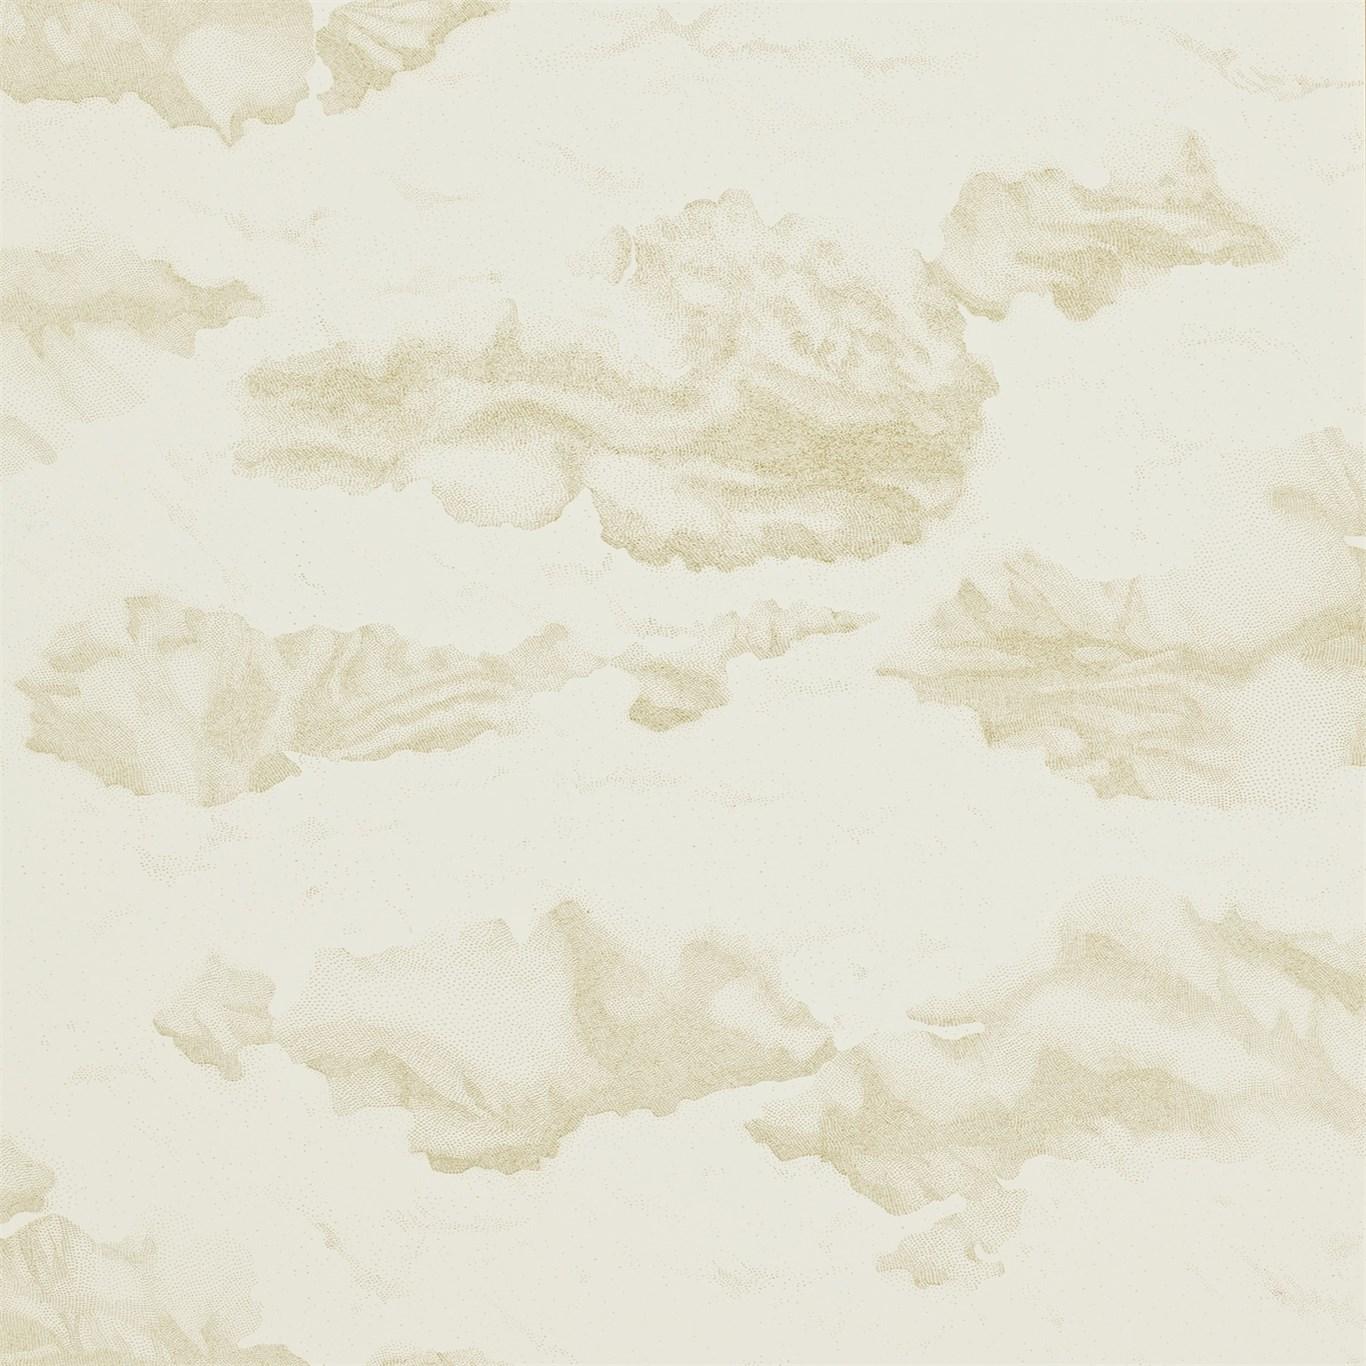 Английские обои Harlequin,  коллекция Amazilia, артикул111070